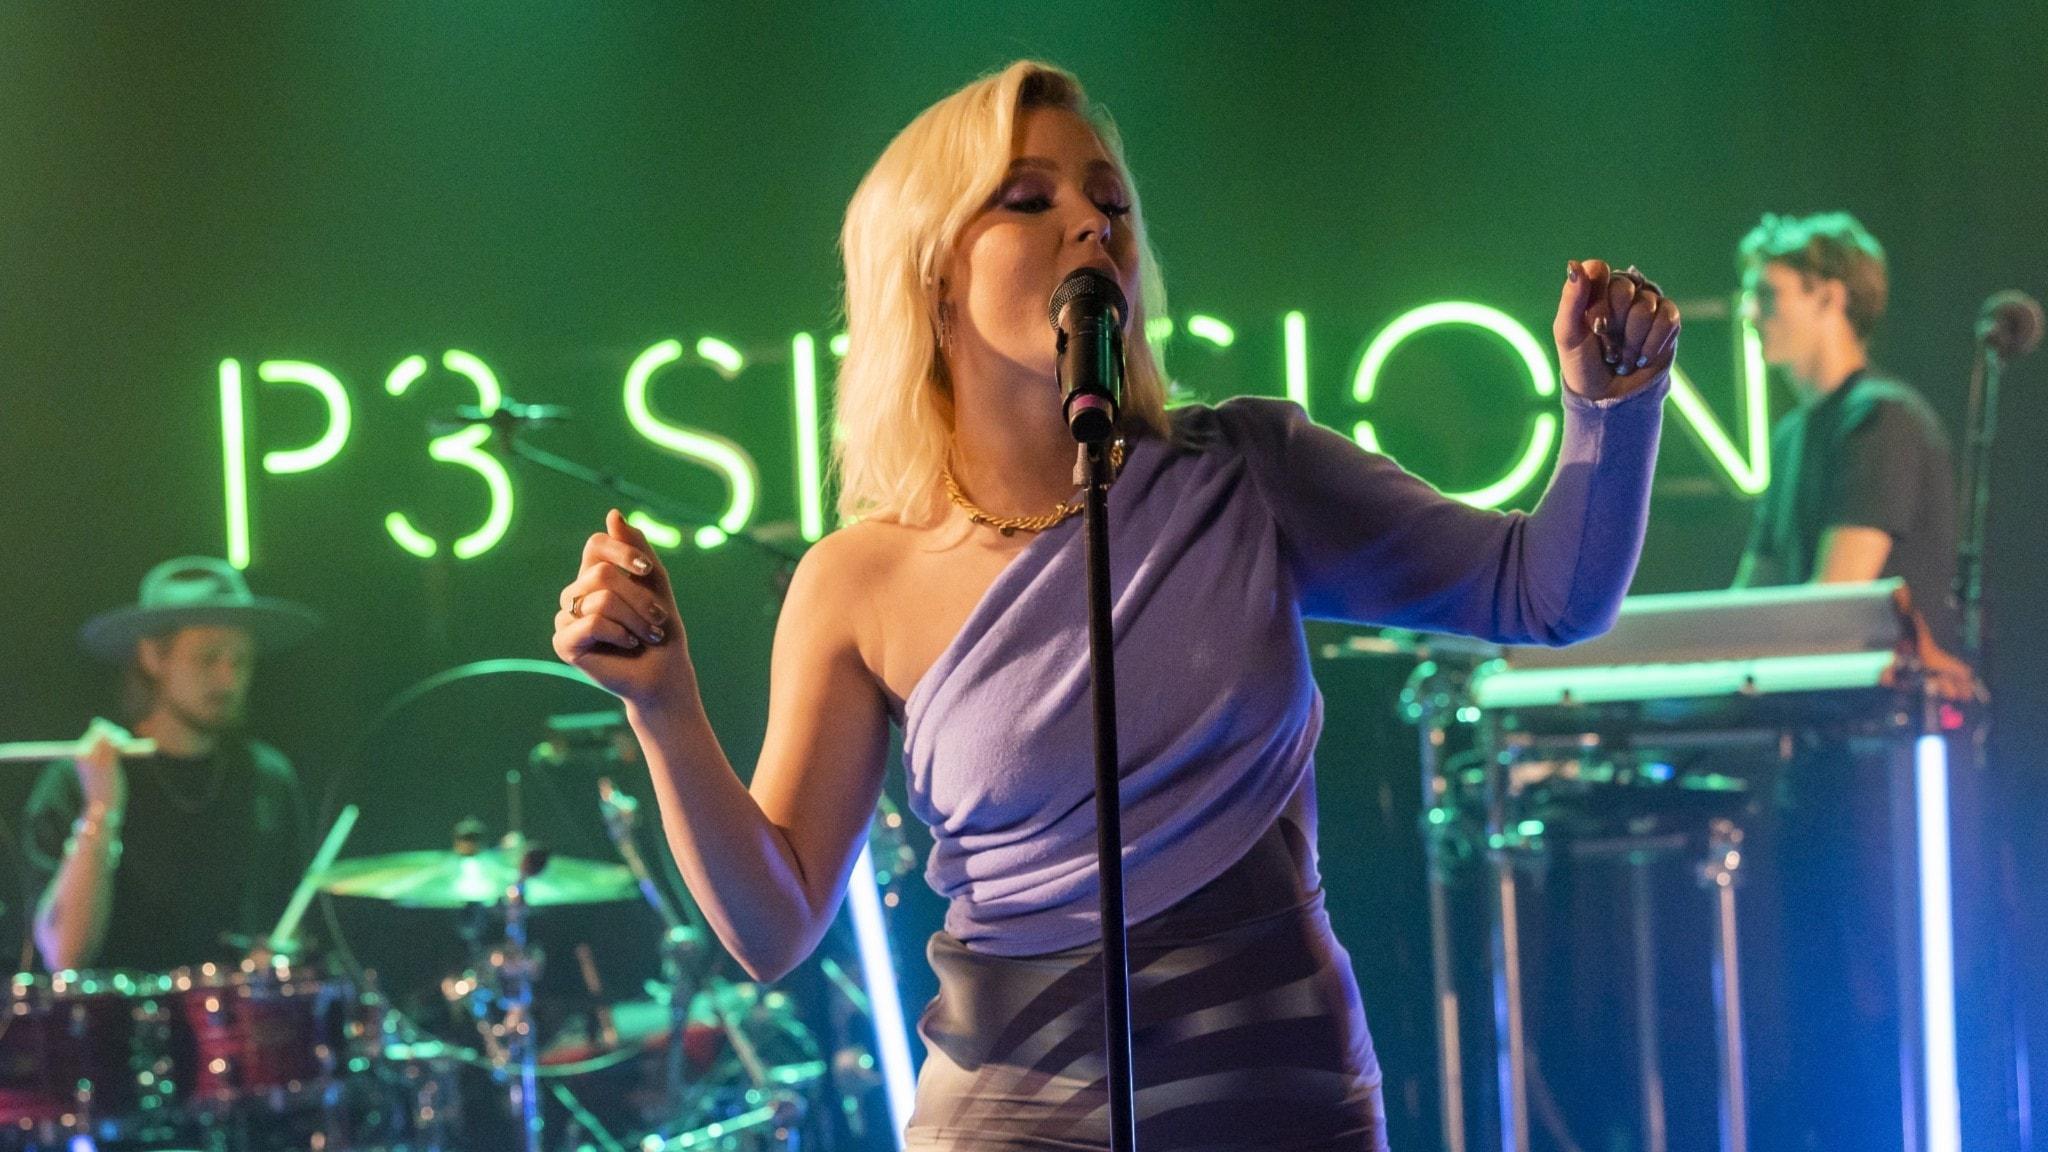 Zara Larsson uppträder på P3 Session-scenen